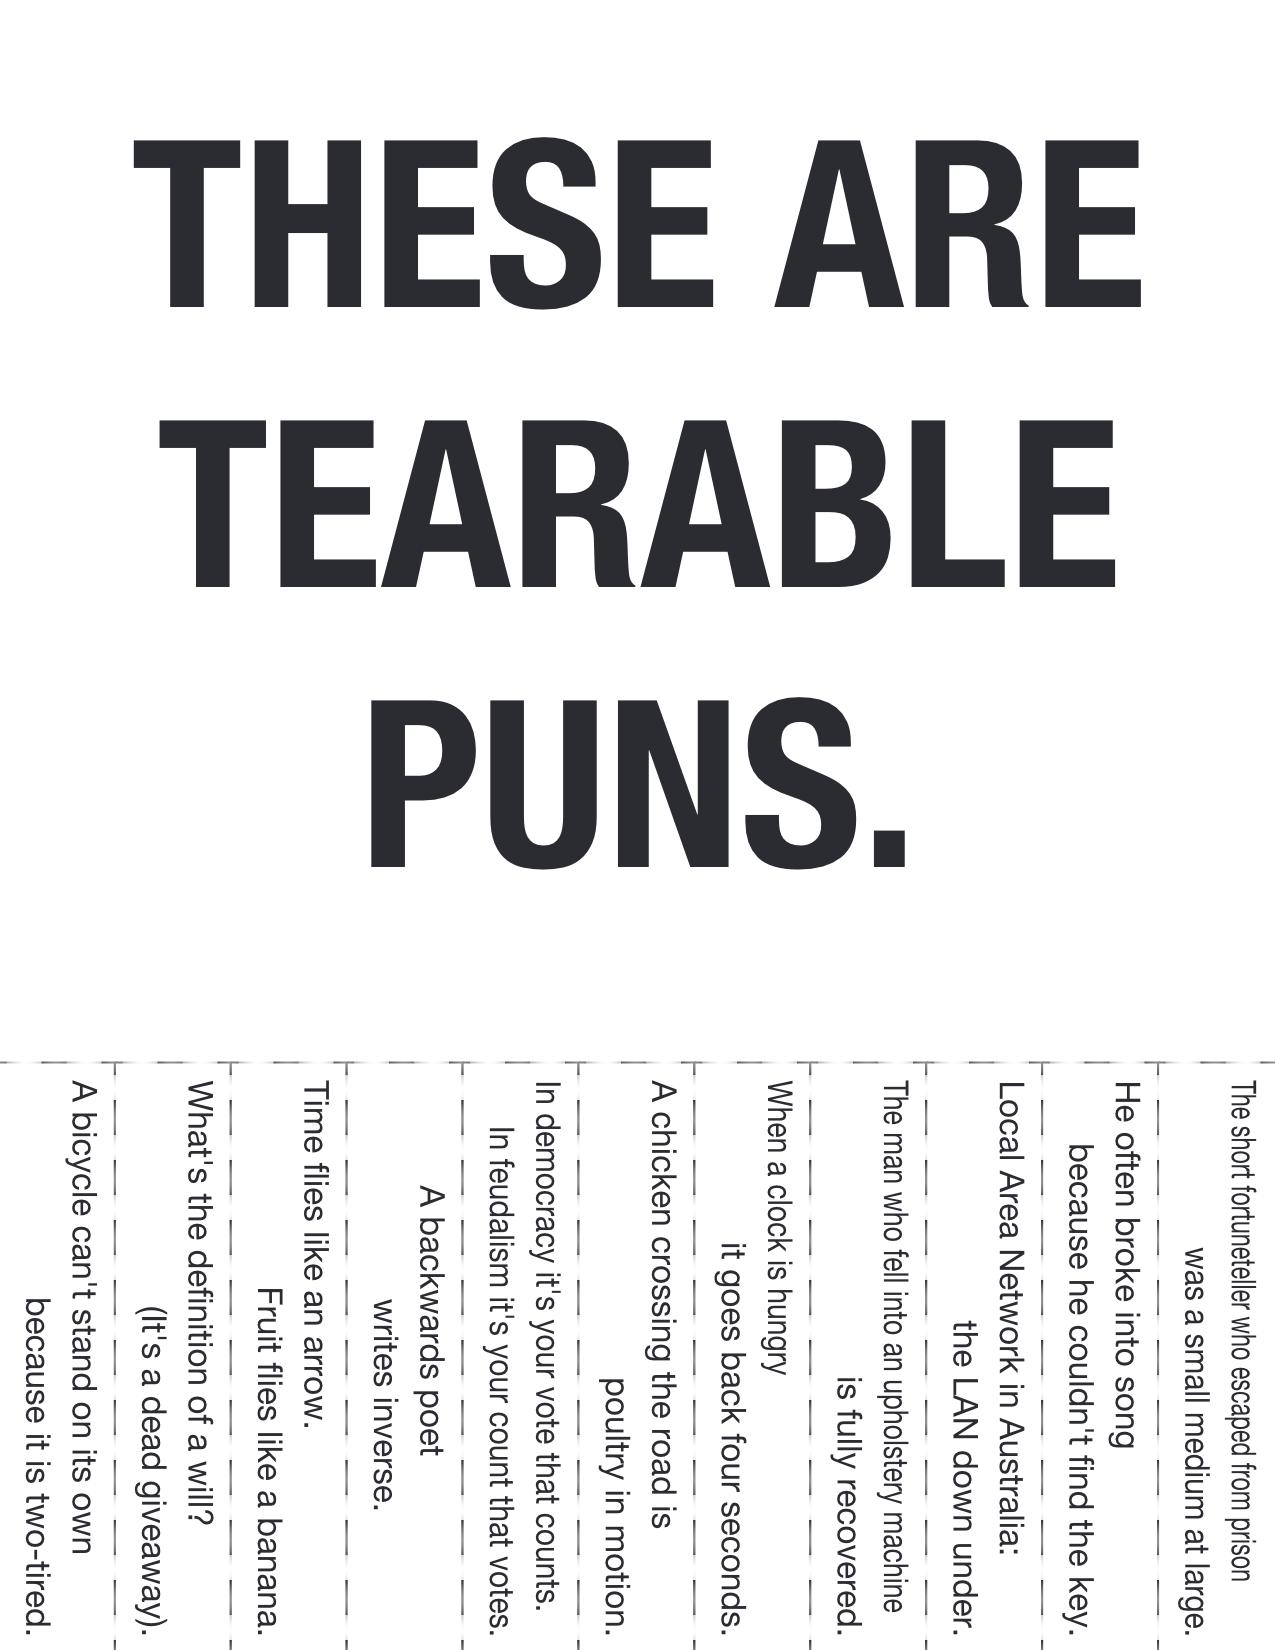 How very punny. ¿əlqɐɹɐəqun sund puıɟ ʇsnɾ noʎ ʇ,uop. THESE ARE TEARABLE Ia : Eur_ 8 mono Eam wmm 56 ms m: .. ǝsıɔɹǝxǝ ǝʞıl slǝǝɟ sıɥʇ puns tearable UNBEARABLE not even sorry